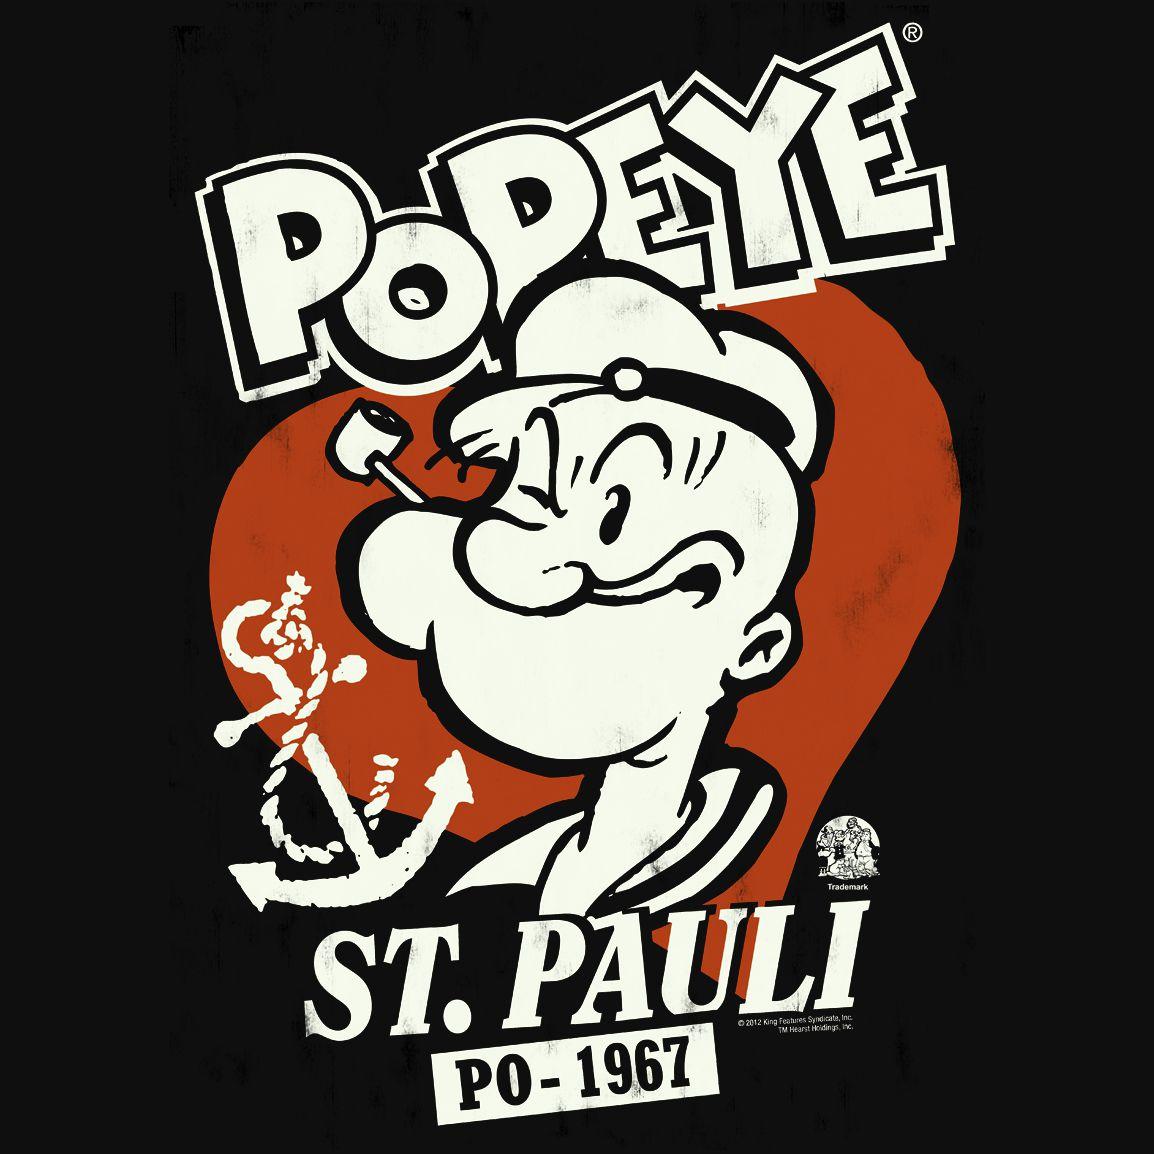 Popeye Der Seemann